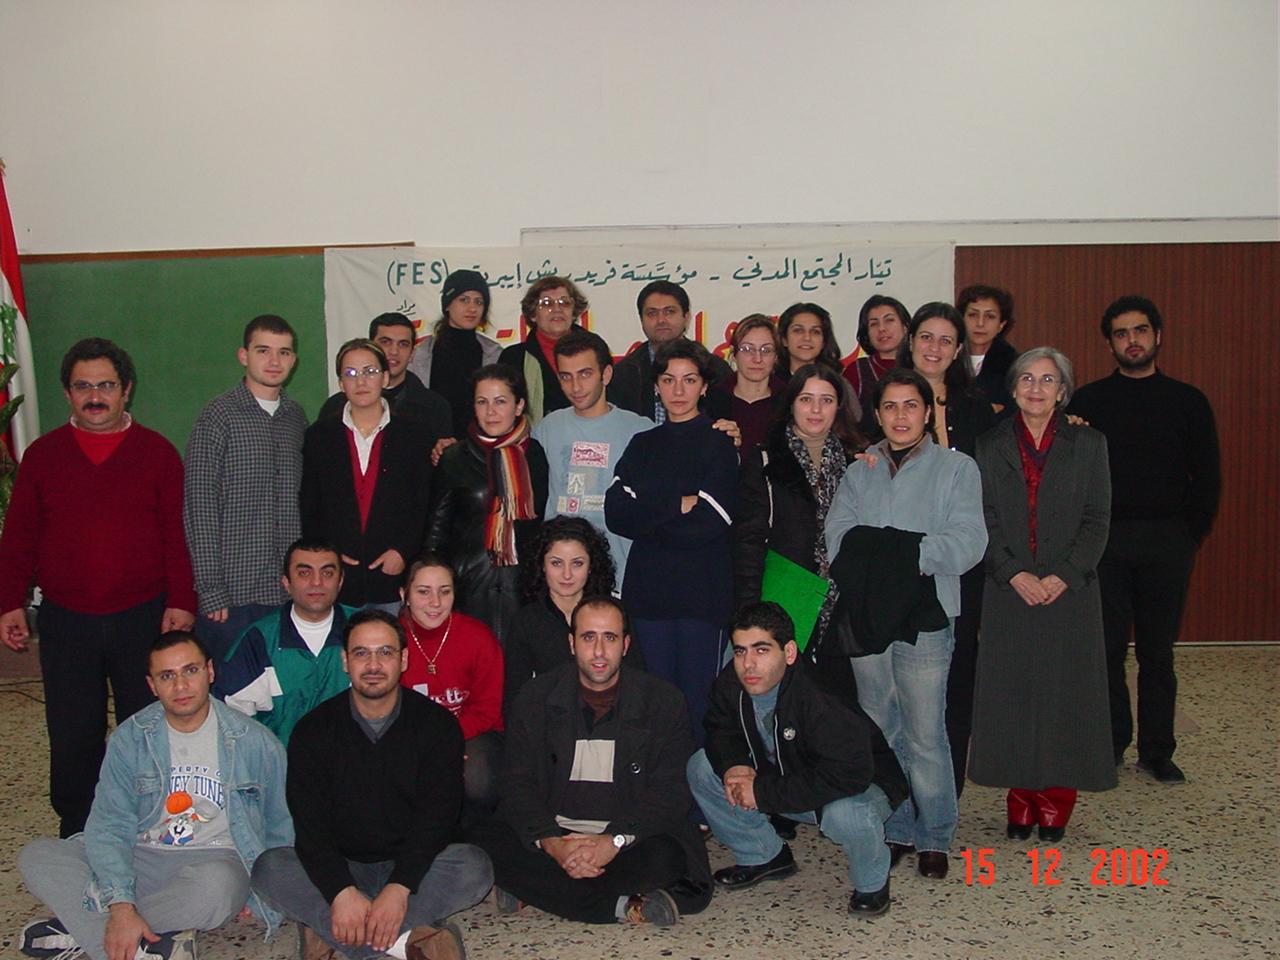 ورشة-عمل-التنمية-14و15-12-2002